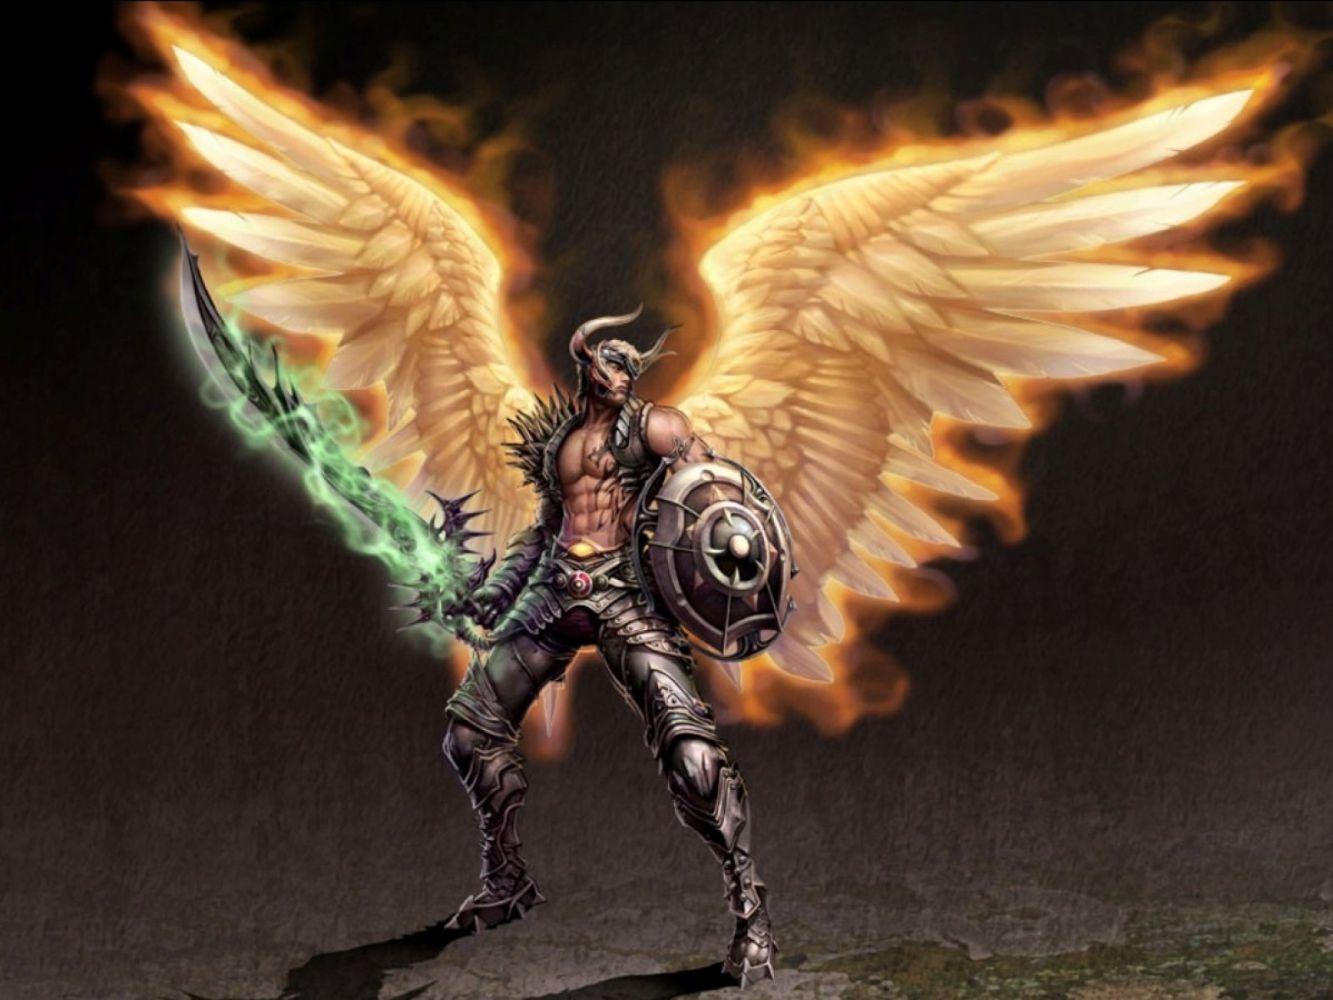 феникс воин парень с крыльями фэнтези картинки